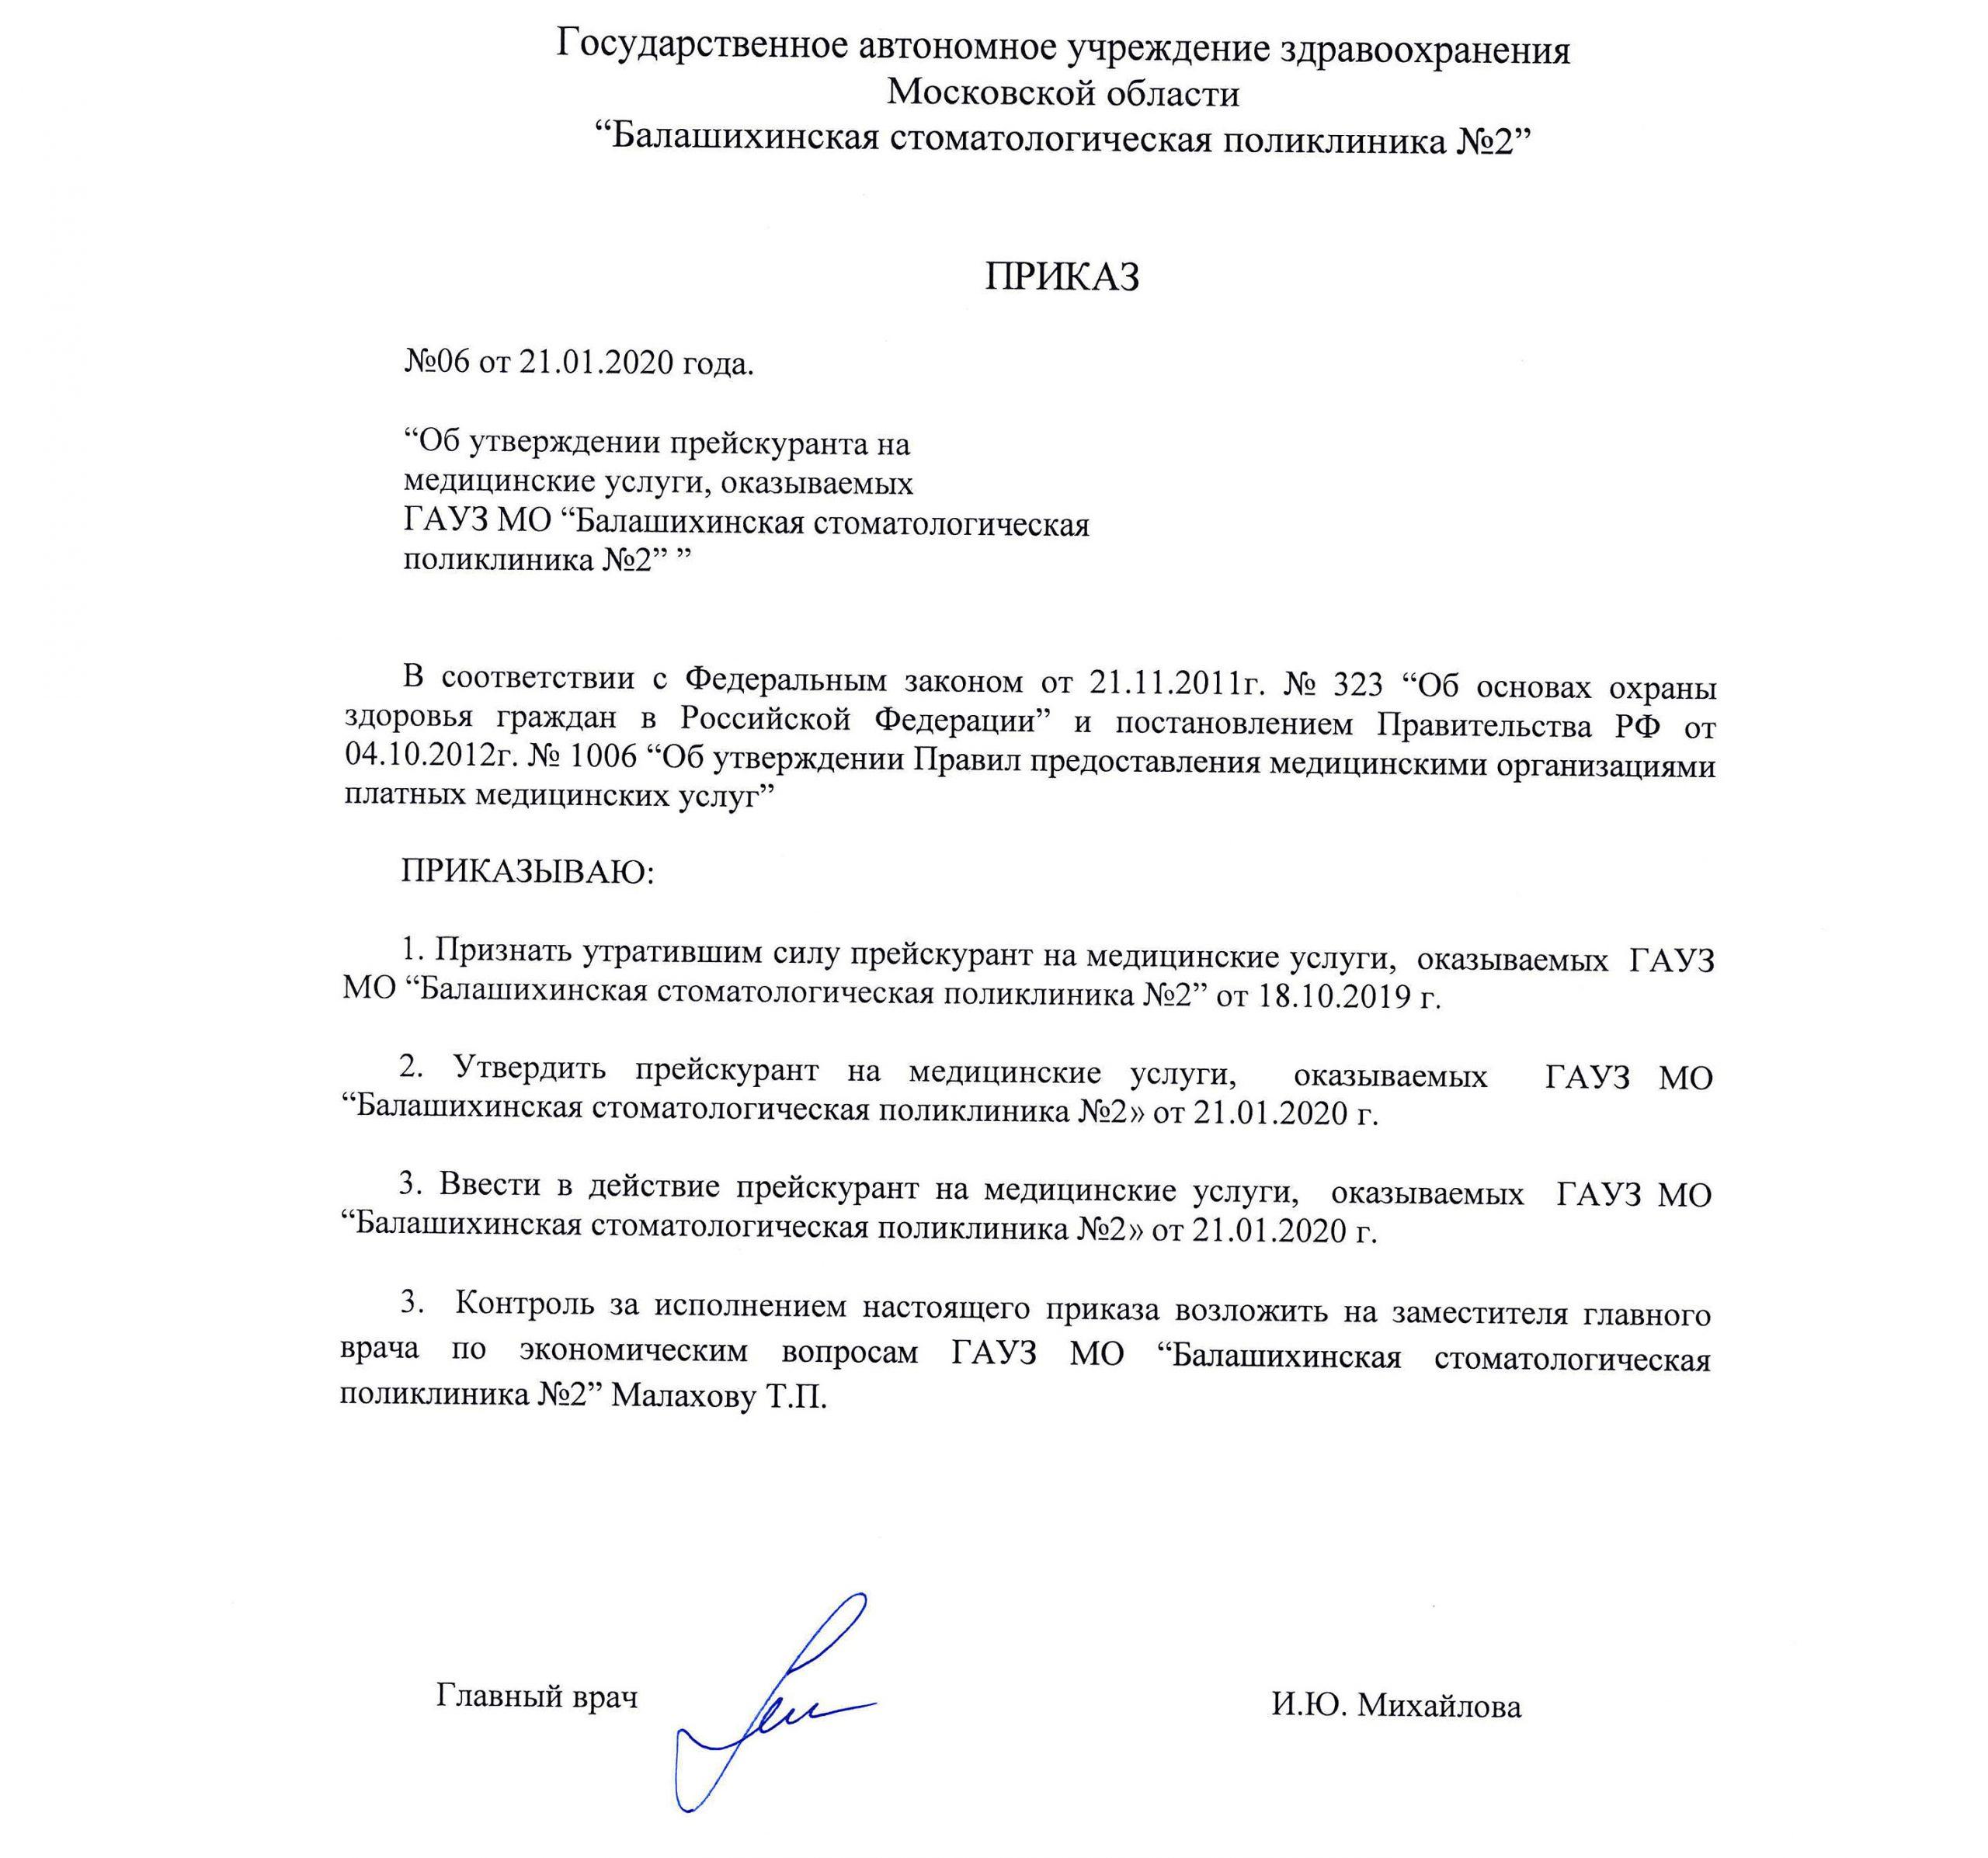 Приказ на ввод нового прейскуранта с 21.01.2020 года